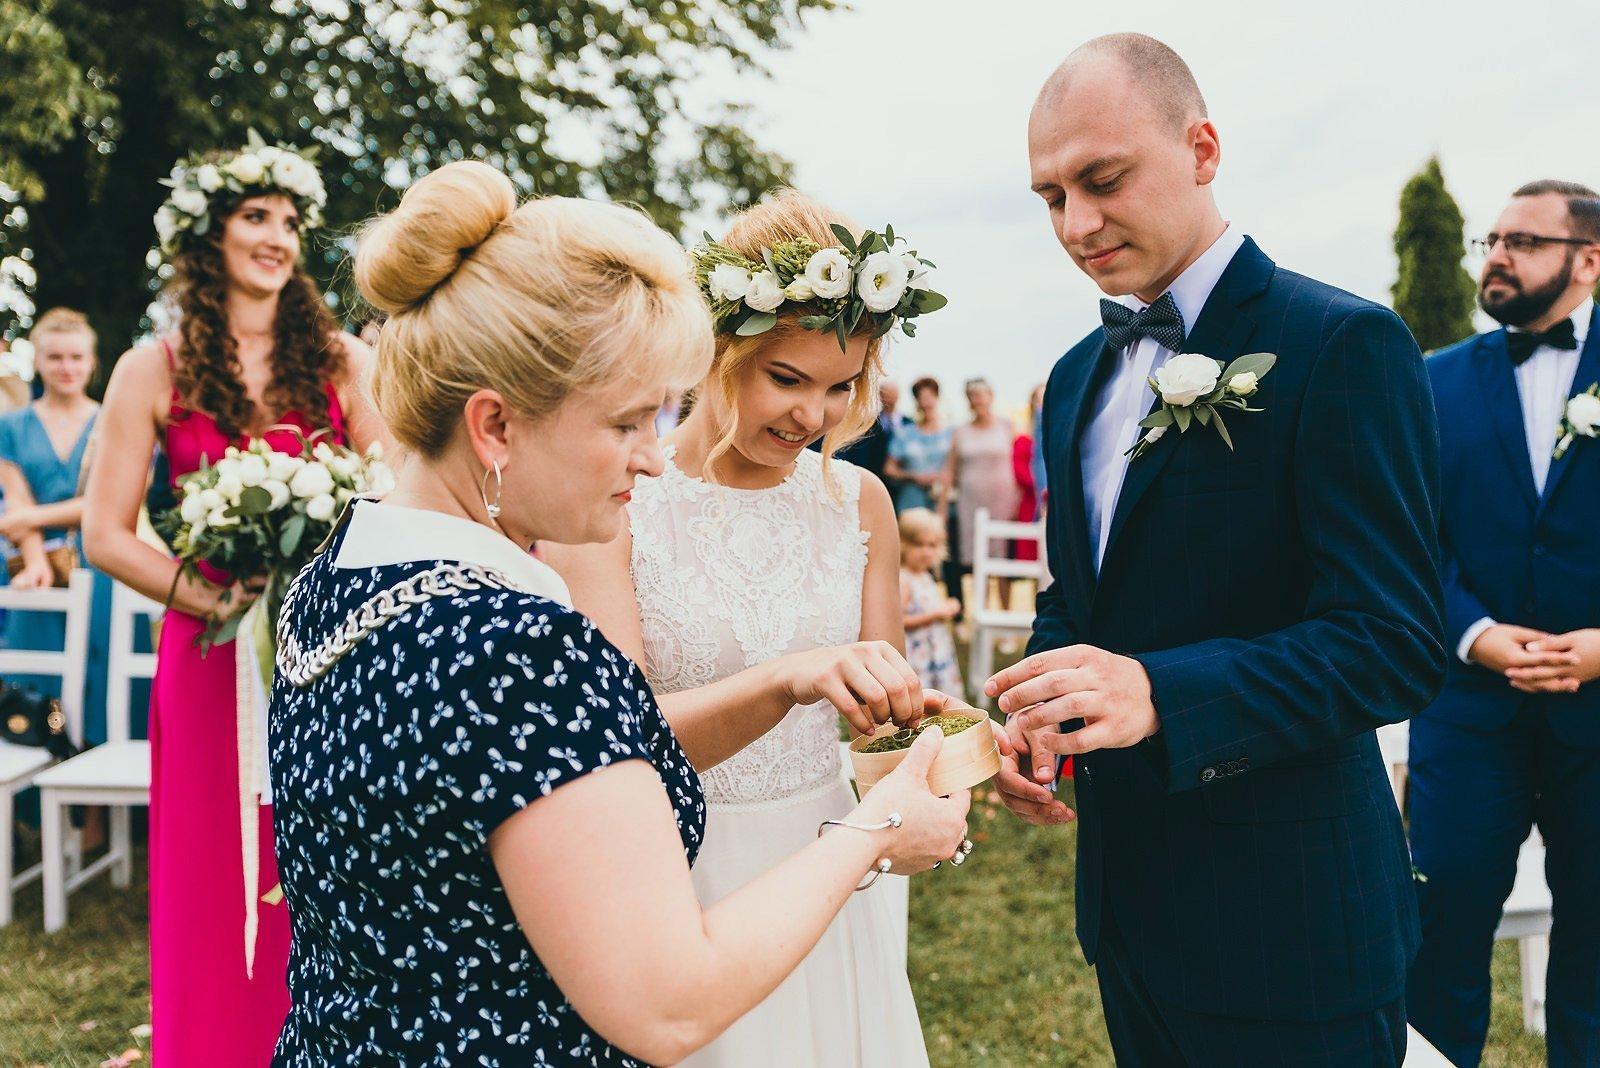 Justyna i Szymon - plenerowy ślub w stylu boho 47